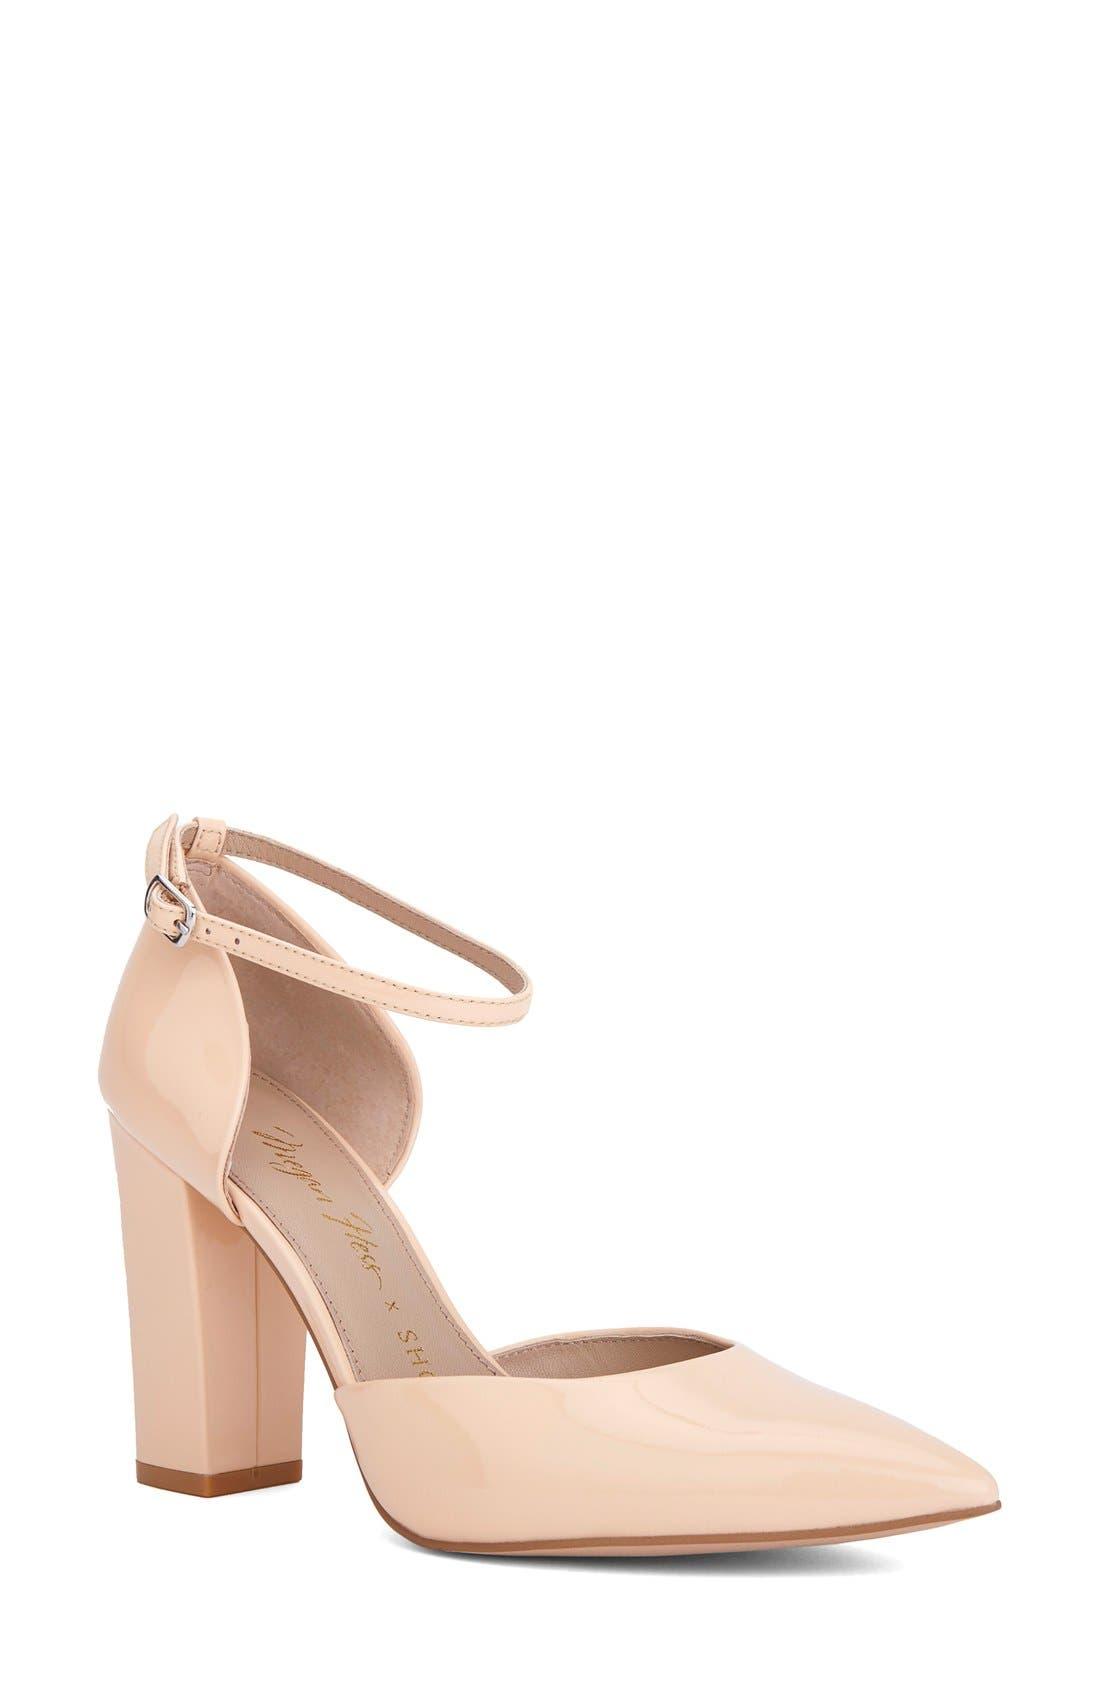 Shoes of Prey x Megan Hess Fleur-de-lis Collection Pump (Women)